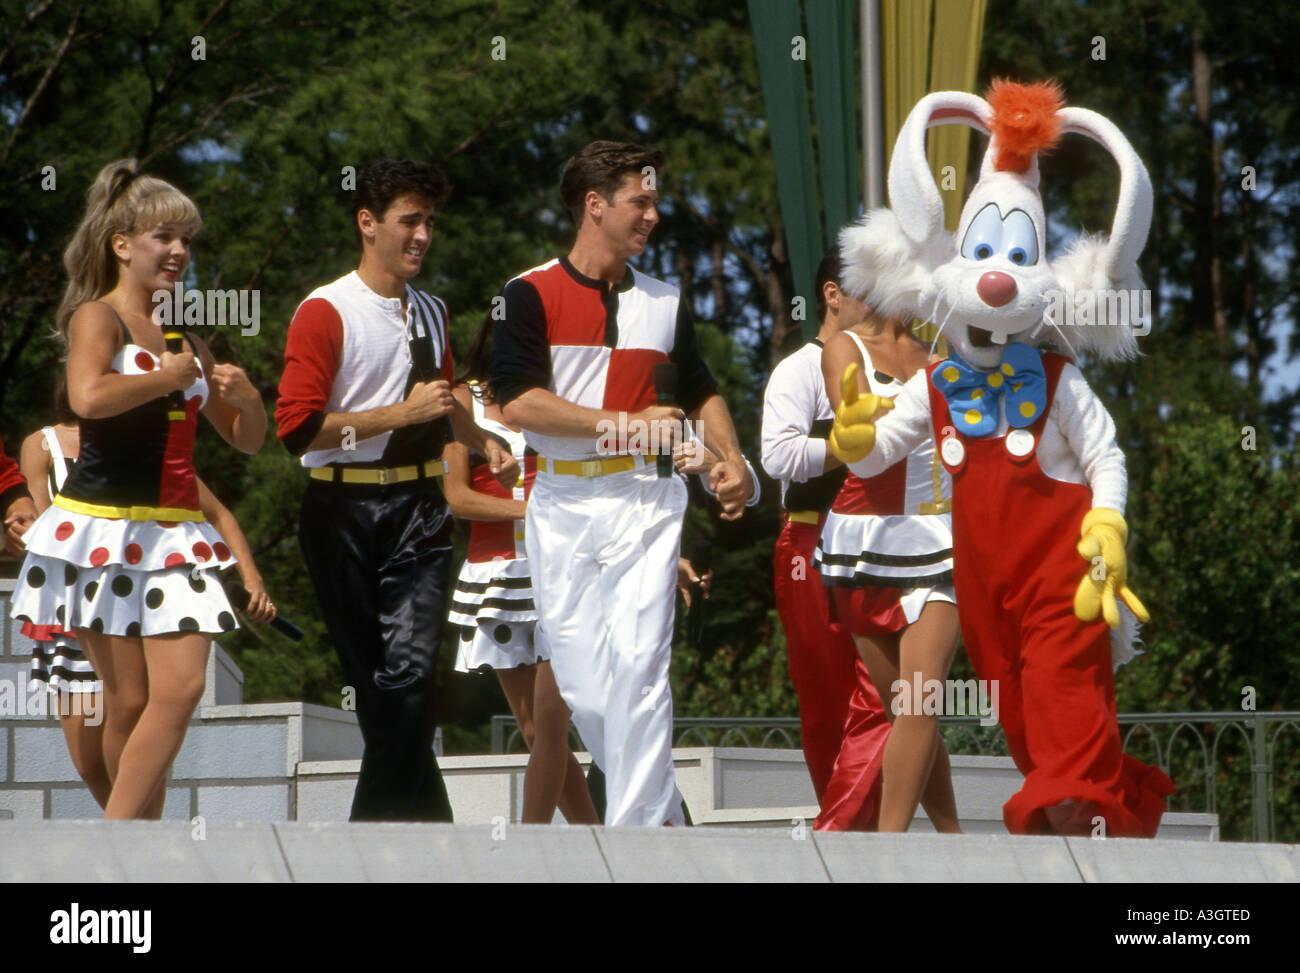 Schön Roger Rabbit Einem Disney Film Ist Der Eingerahmt ...